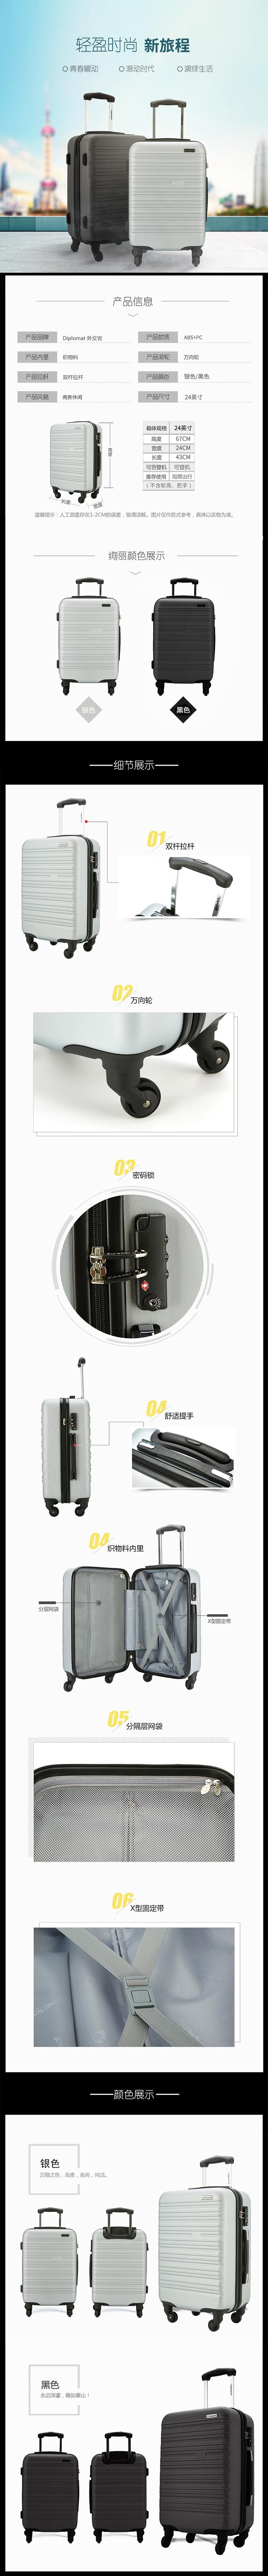 YH-6203银色蓝色_01(2).jpg